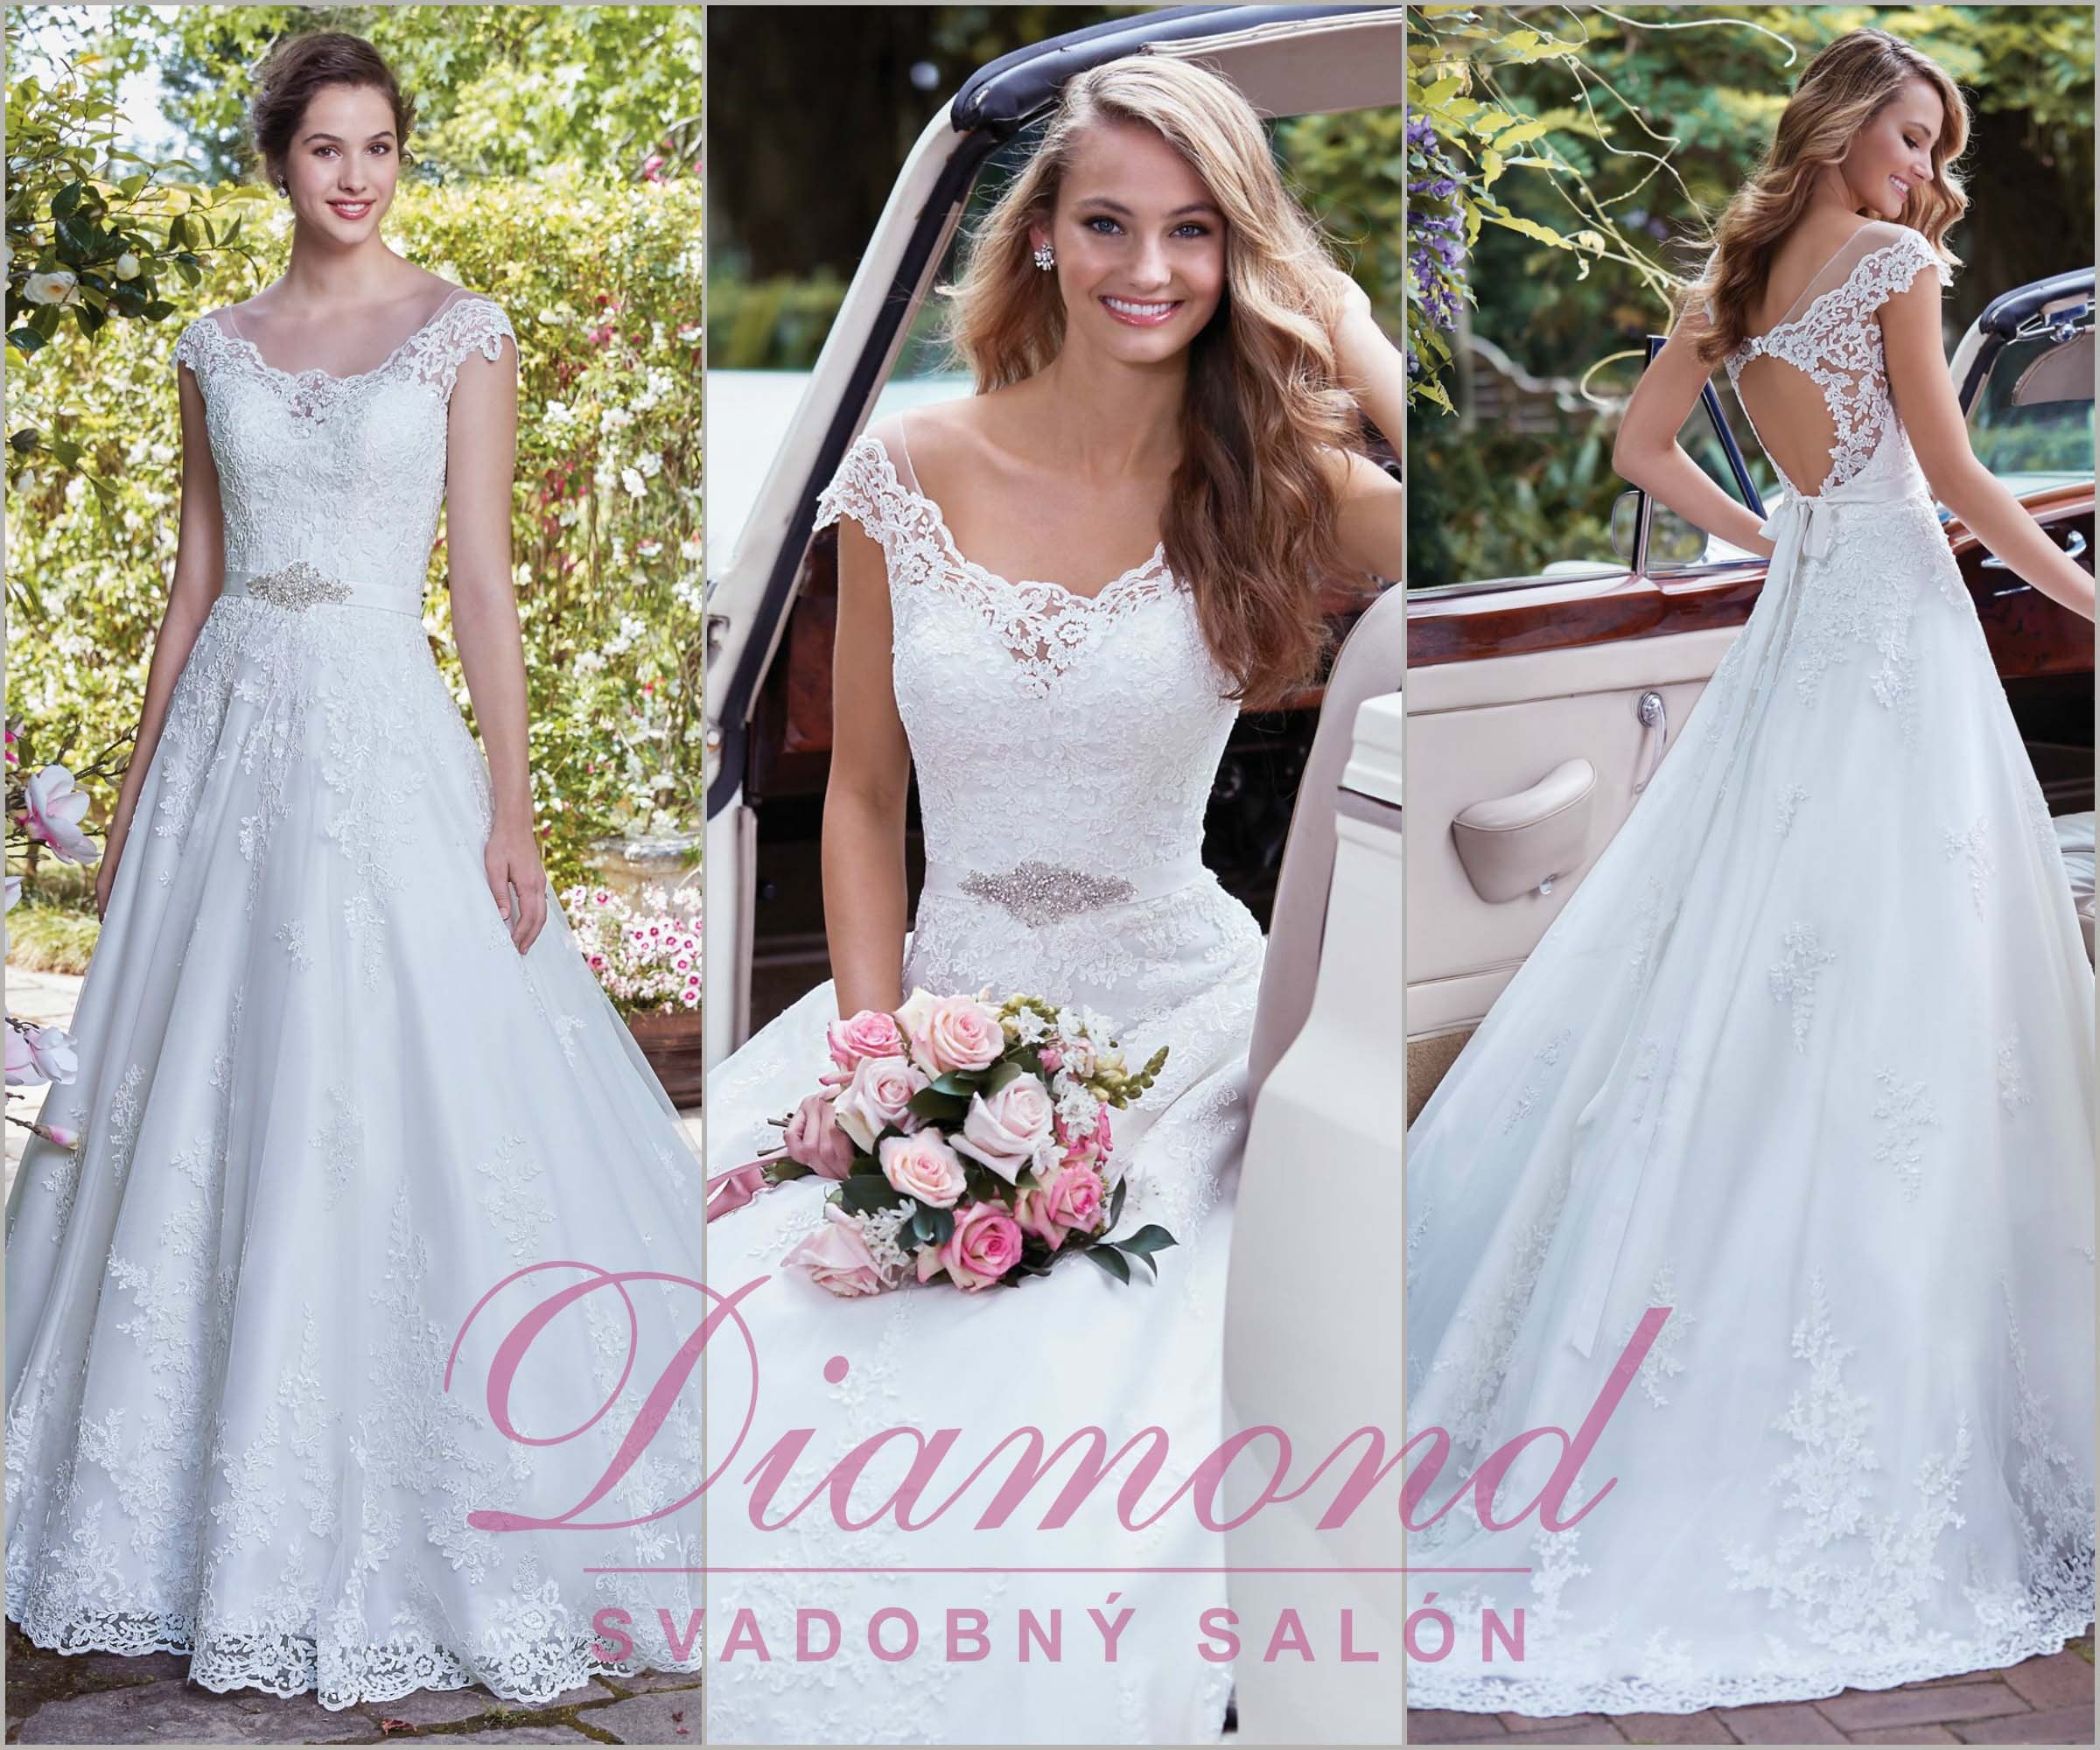 9891827f26 Svadoný salón Diamond - všetko pre svadb - Katalóg firiem